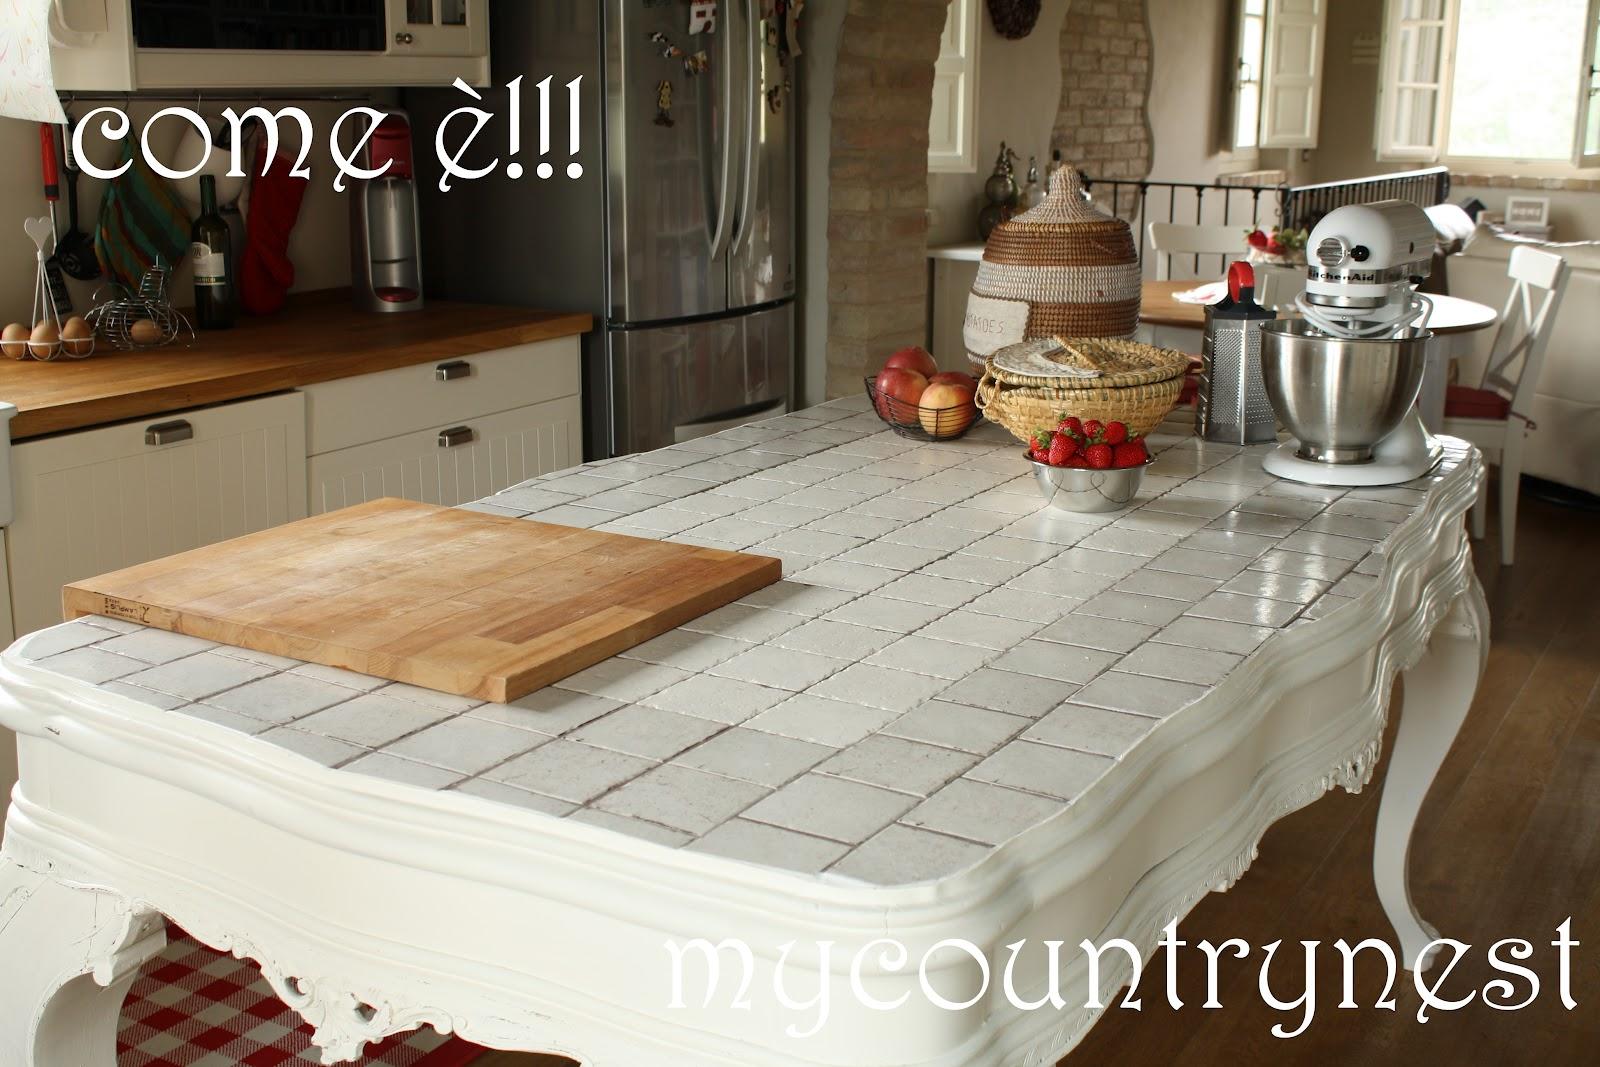 Piano Cucina In Legno Ikea : Cucina ikea opinioni top cucina legno ikea top cucine ikea idee di